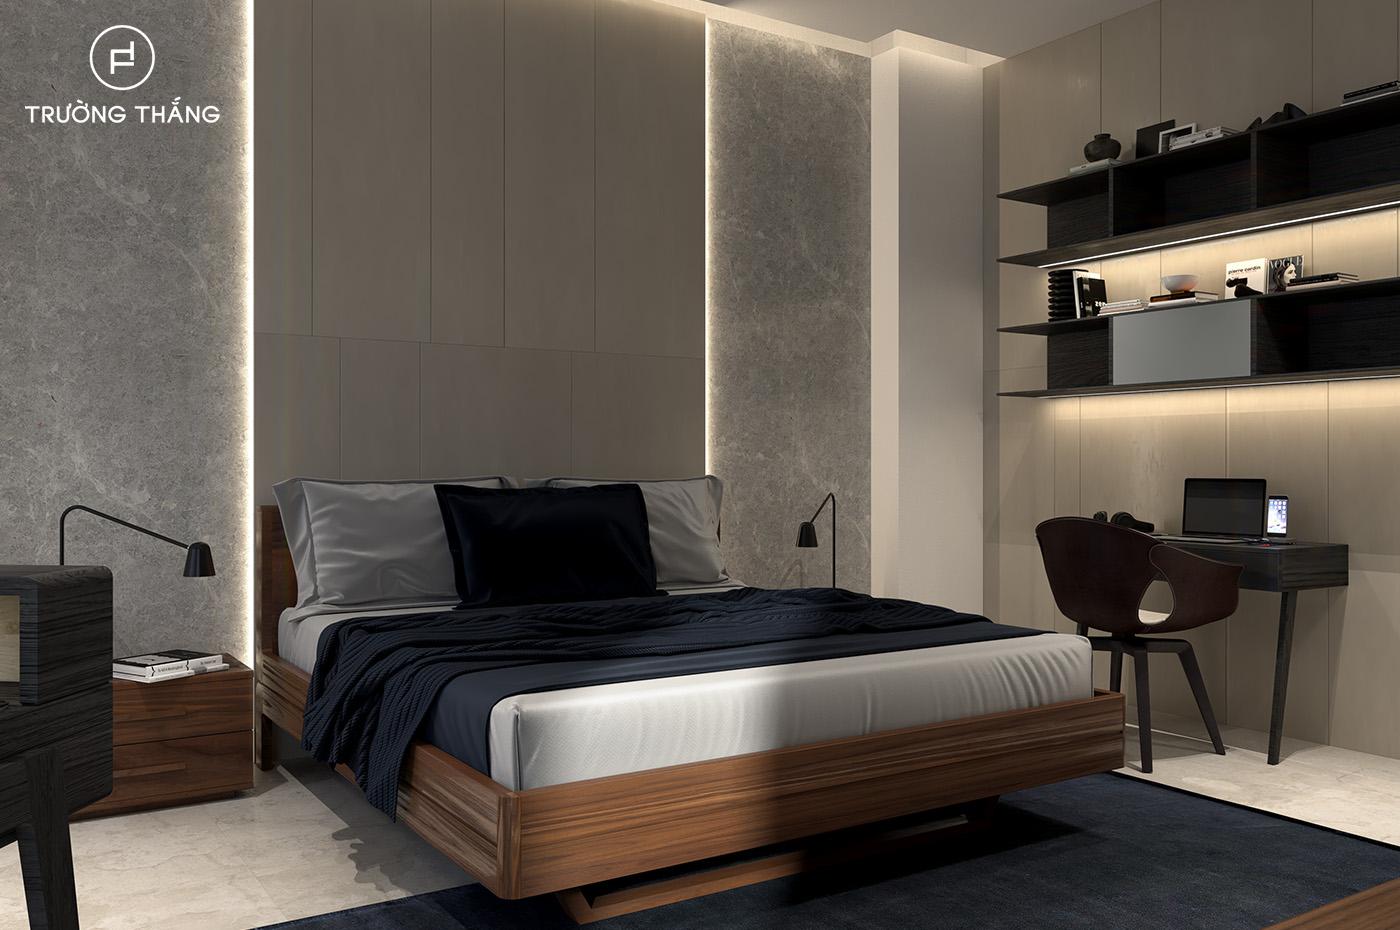 Phòng ngủ thiết kế riêng